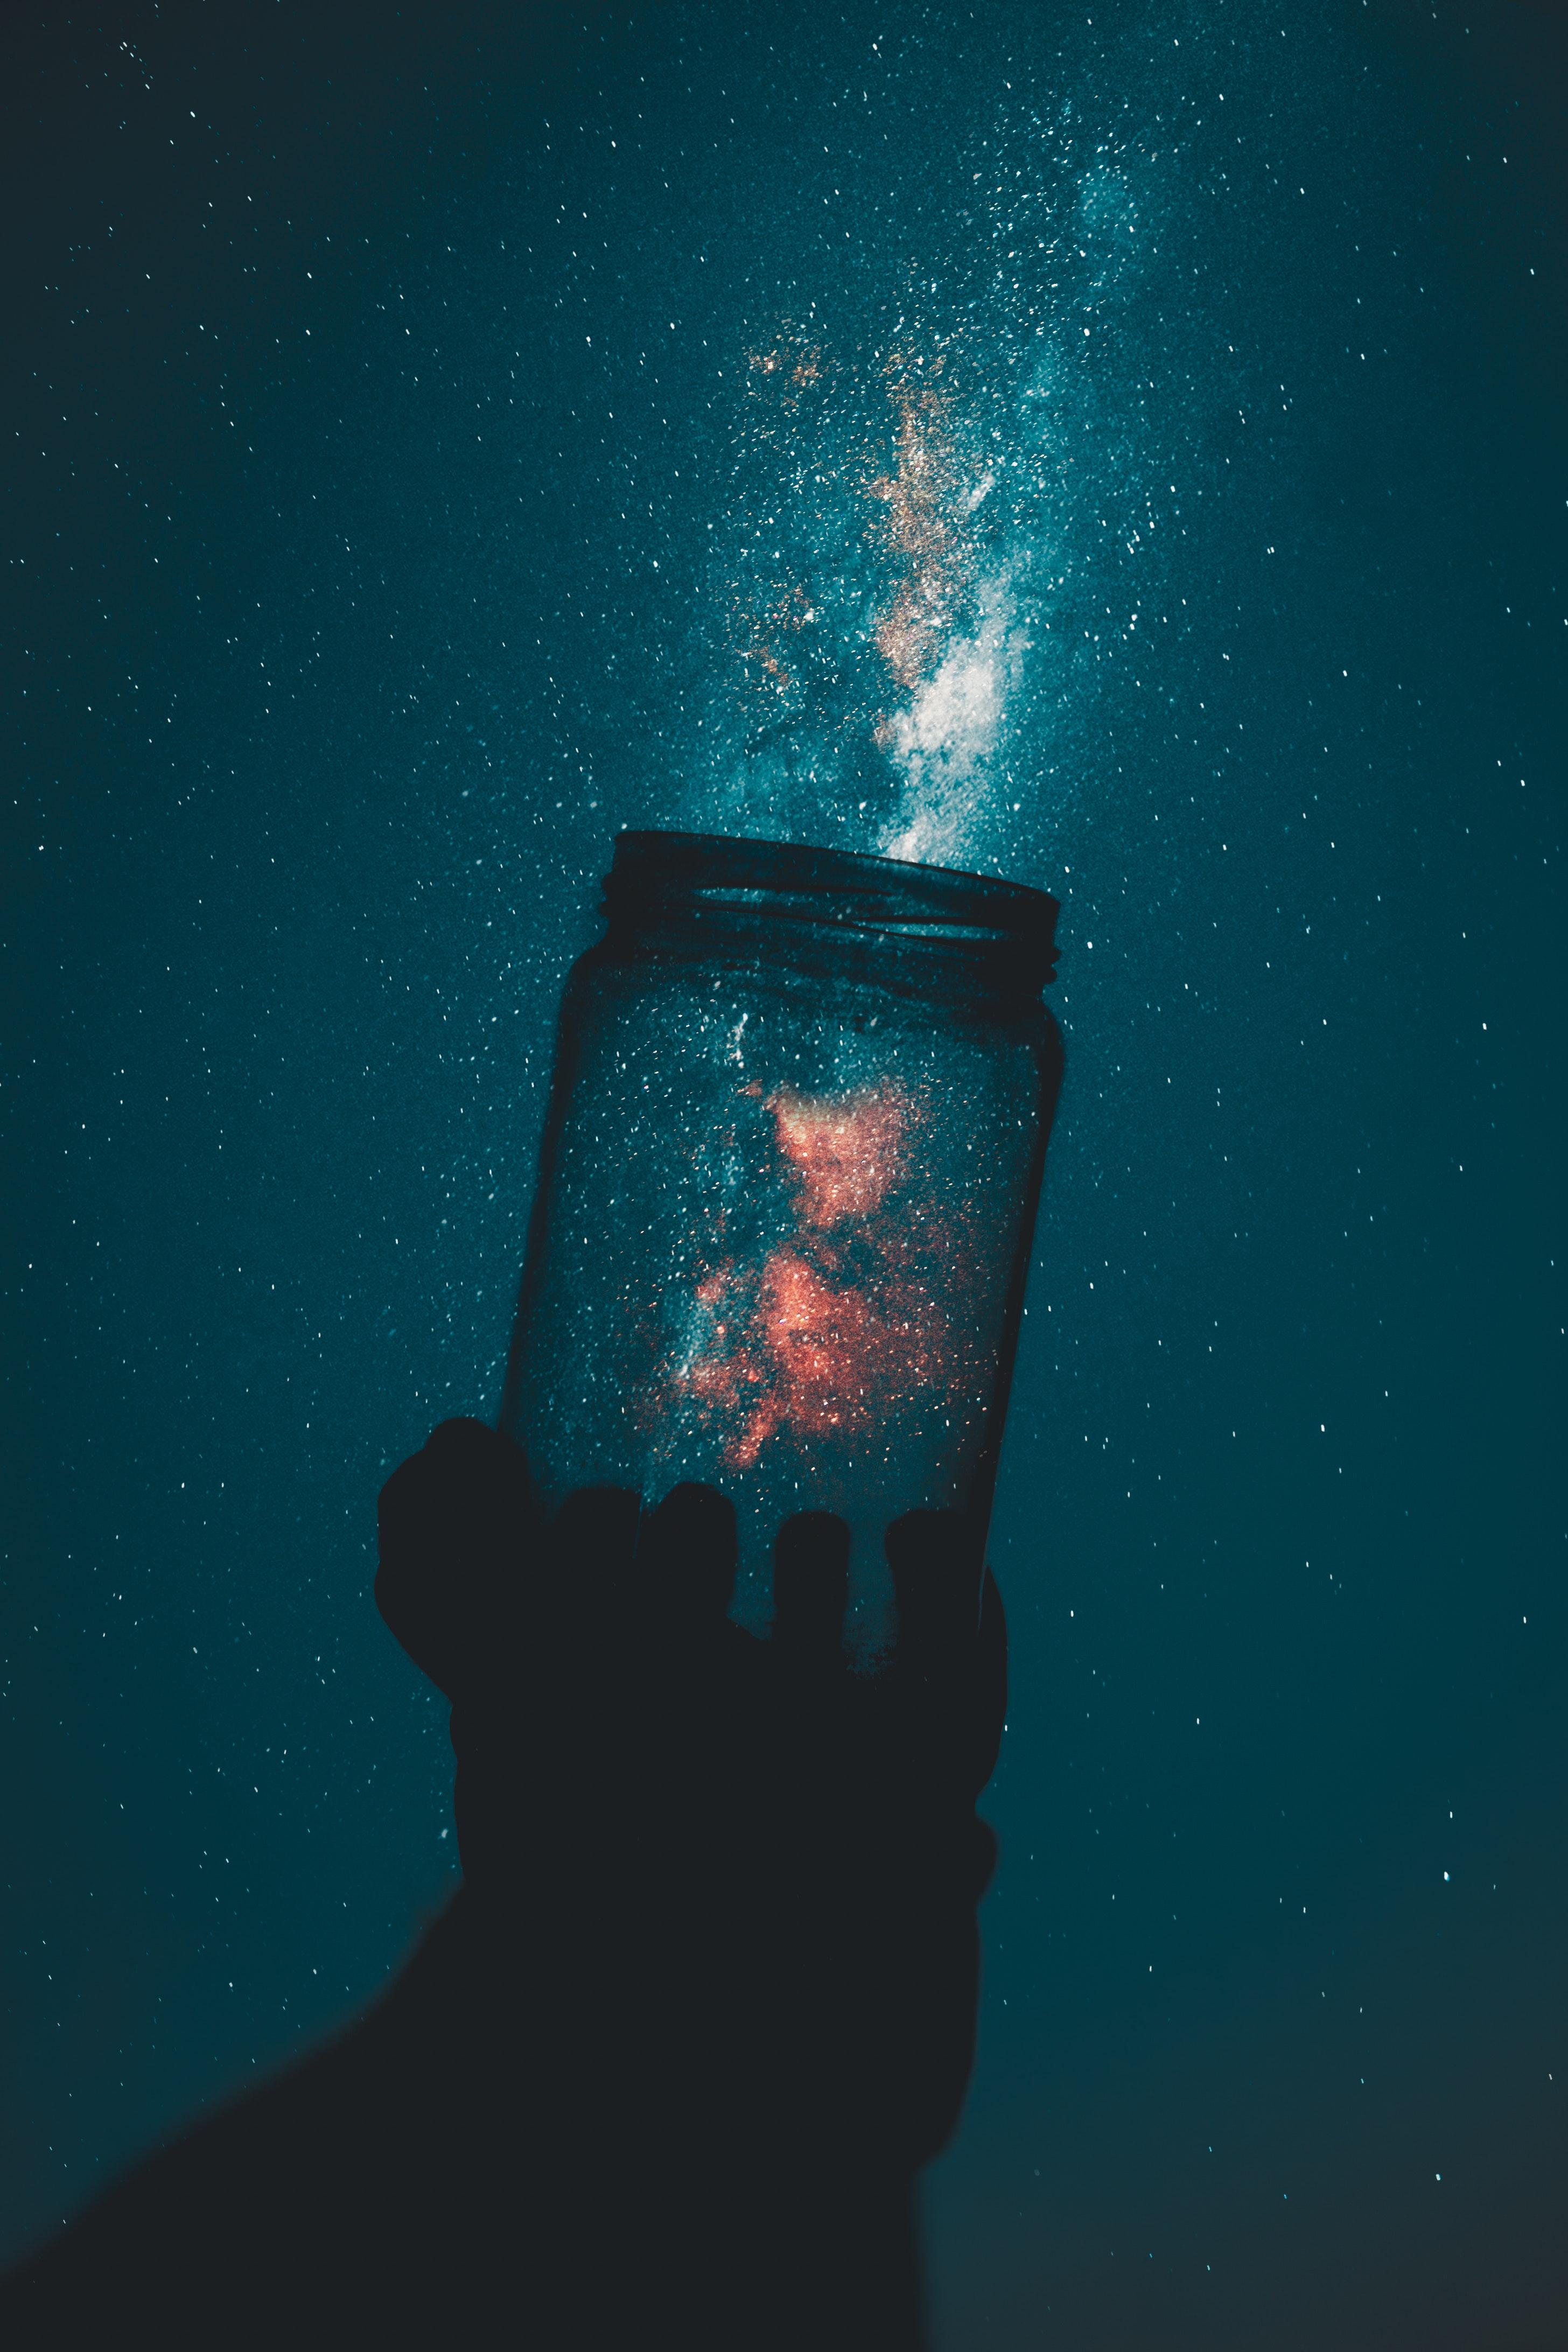 Wallpaper Fotografi Di Luar Rumah Botol Bintang Bayangan Hitam Alam Semesta Ruang Astronomi Eksplorasi Galaksi Lampu Gelap Tangan Langit Malam Wisatawan Rasi Ilmu 2912x4368 Amd23 1577191 Hd Wallpapers Wallhere